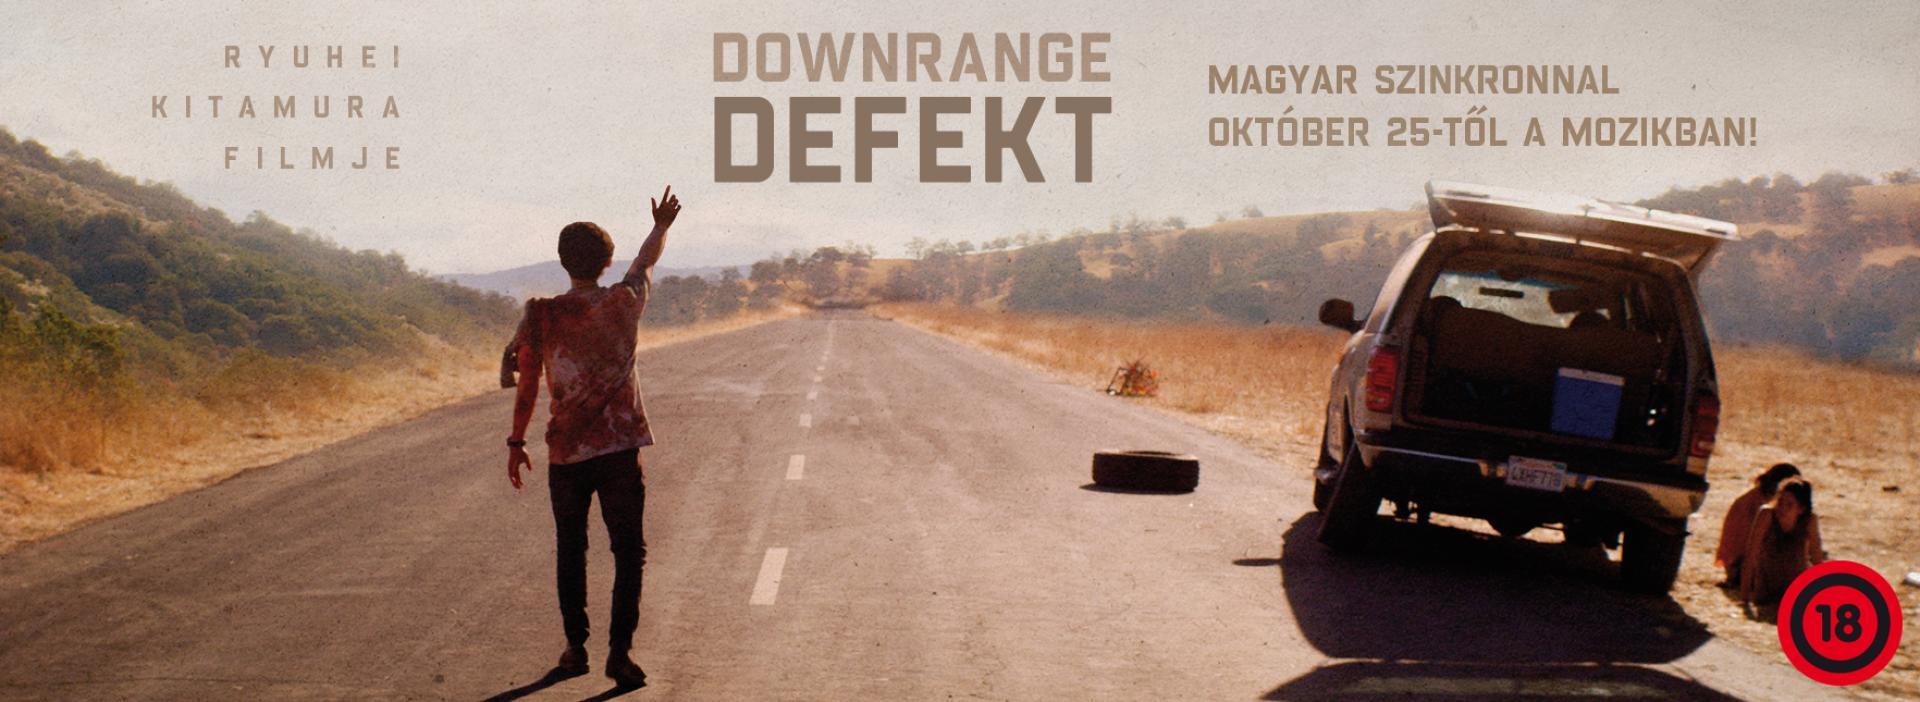 Downrange – Defekt (2017)